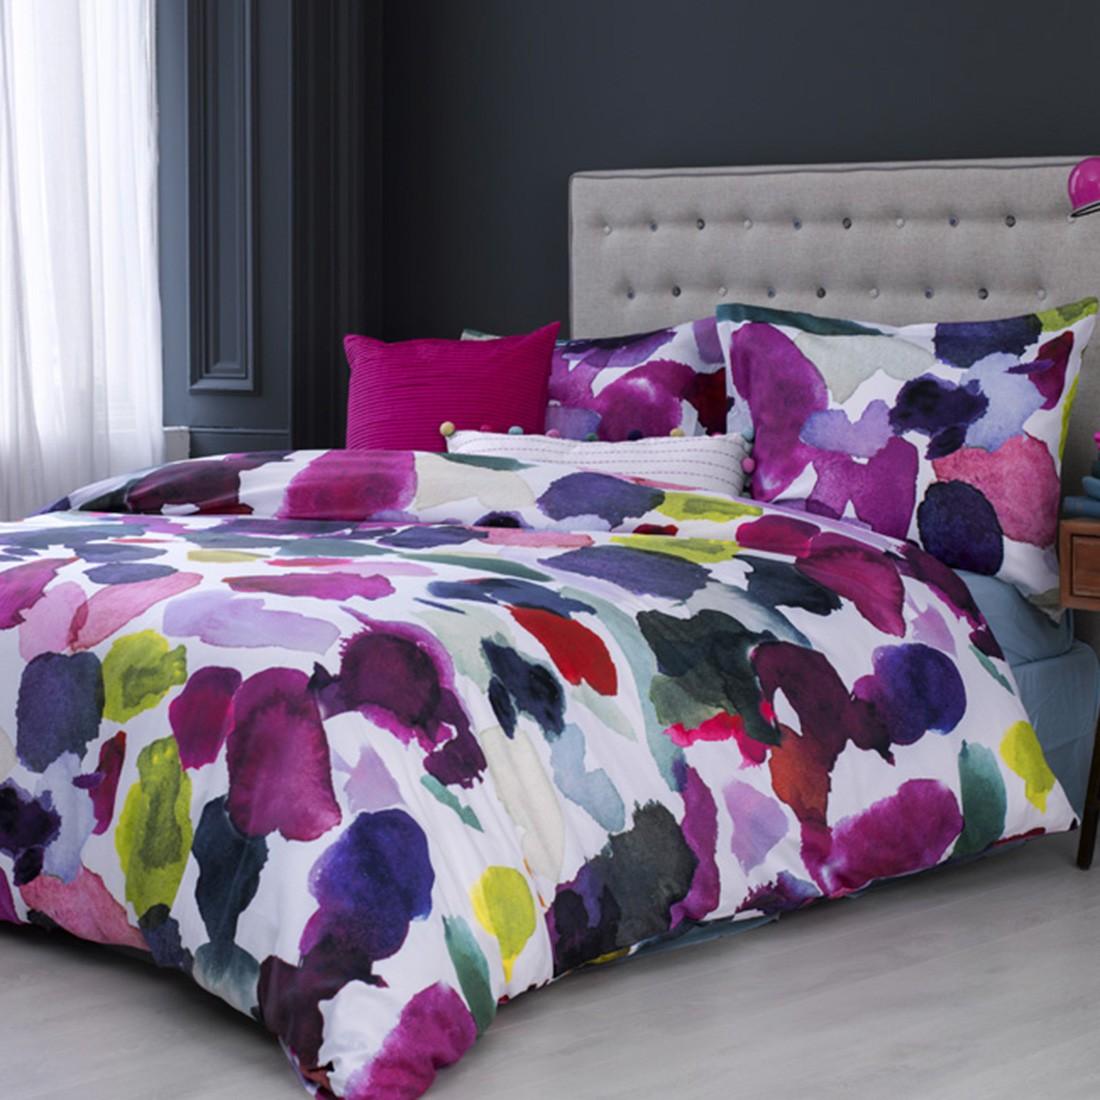 Bettwäsche BlueBellGray Abstract – Mehrfarbig – Baumwolle – Abmessungen 200x135x38cm, BH jetzt bestellen